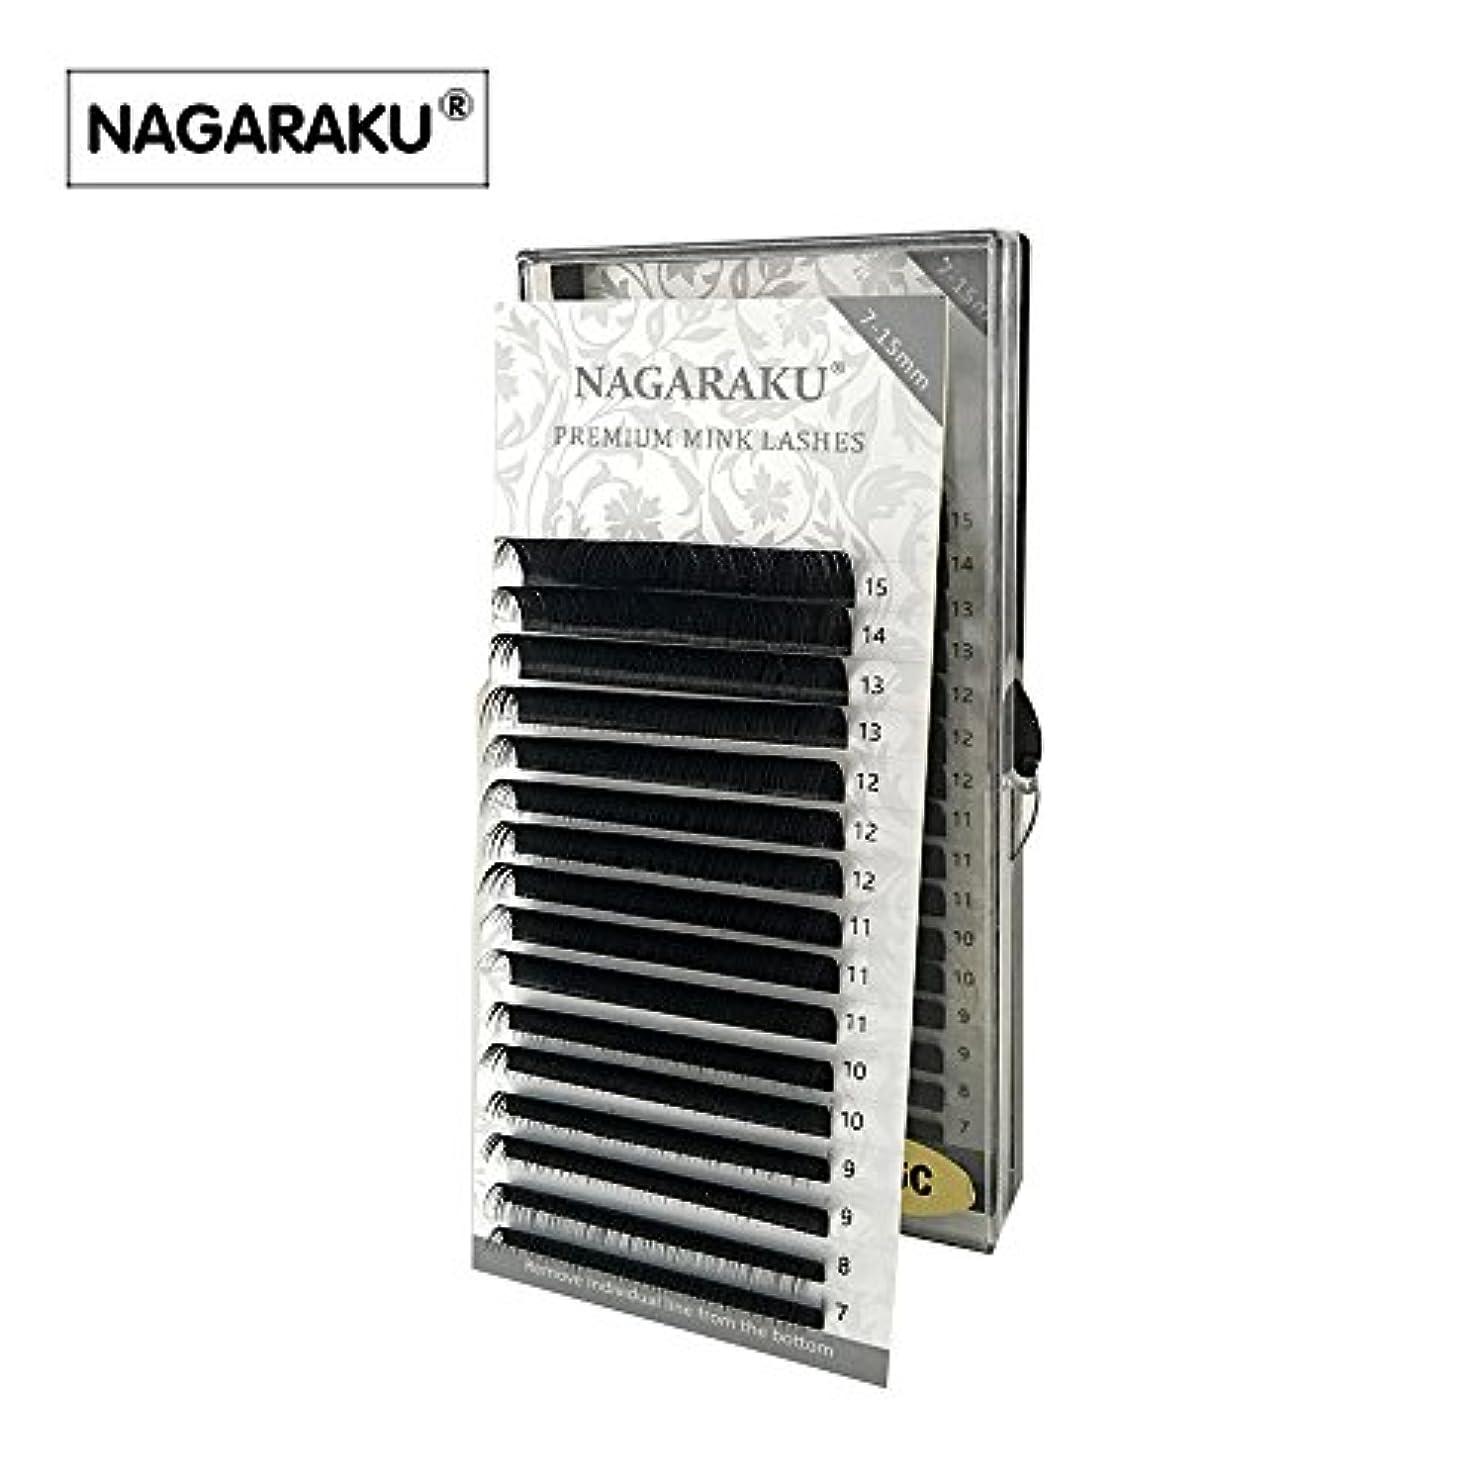 子音セグメント一貫性のないNAGARAKU 太さ0.07mm J カール 7~15mmミックス まつ毛エクステンション